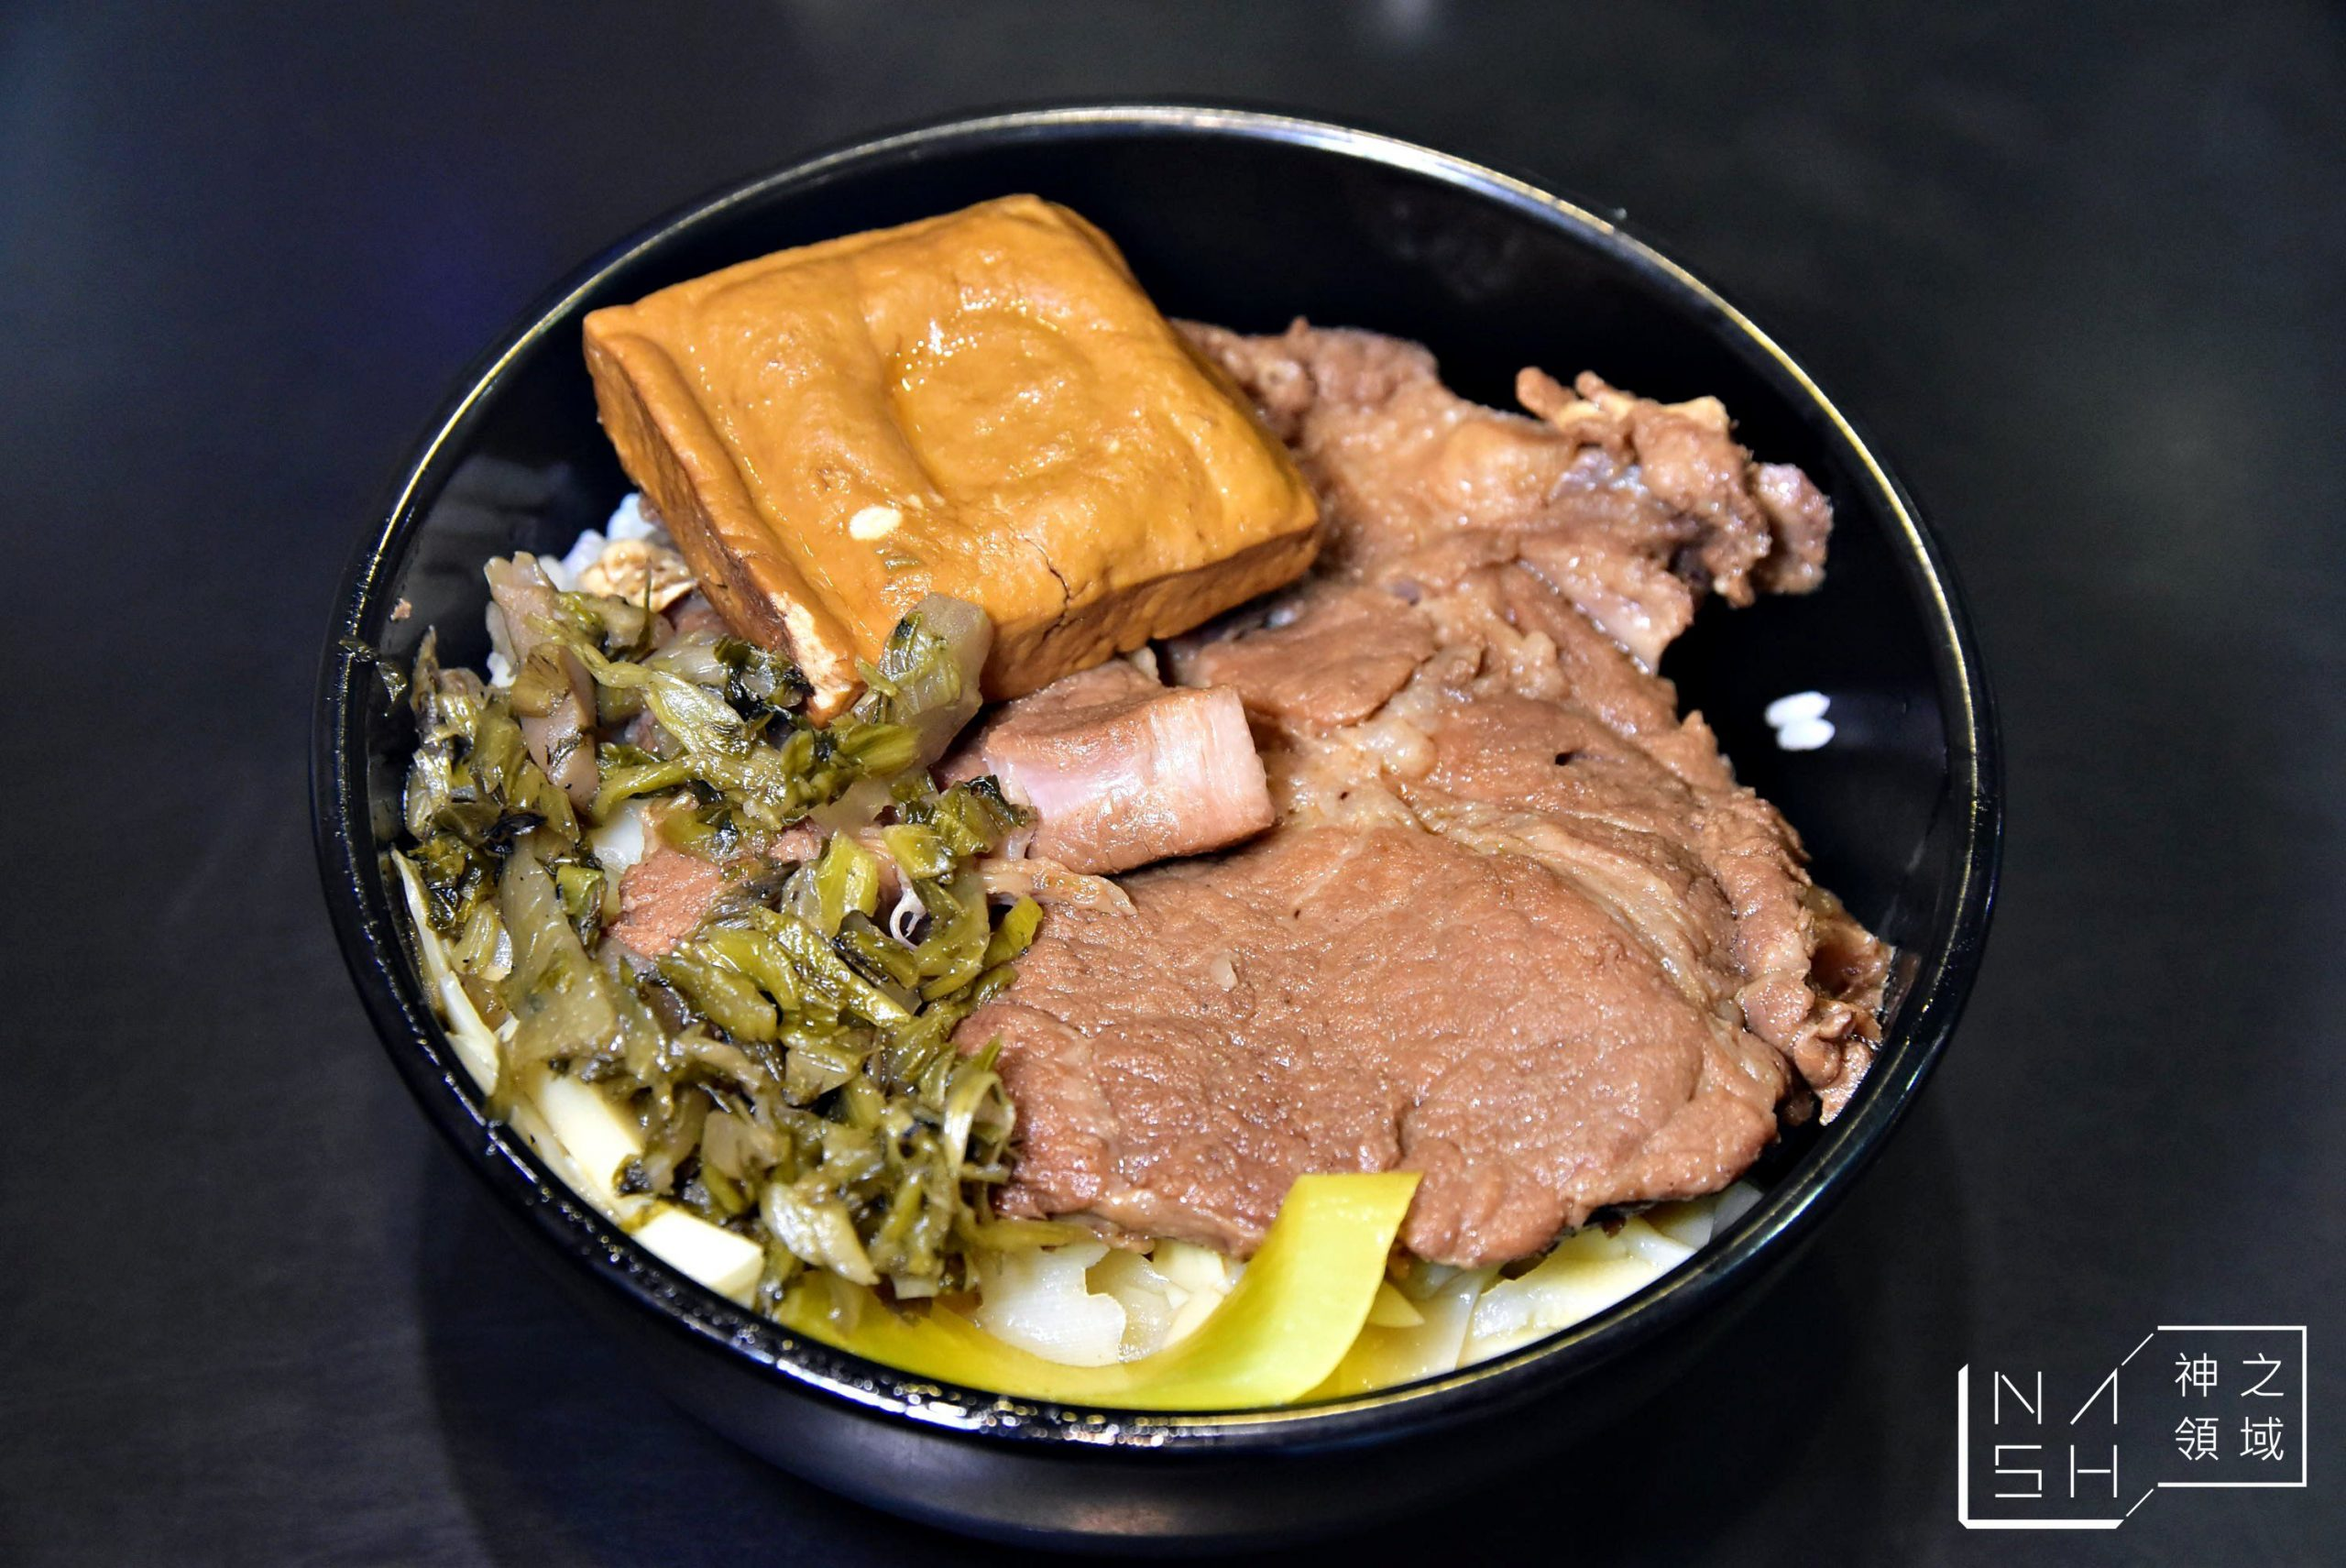 滷大夫新城爌肉飯